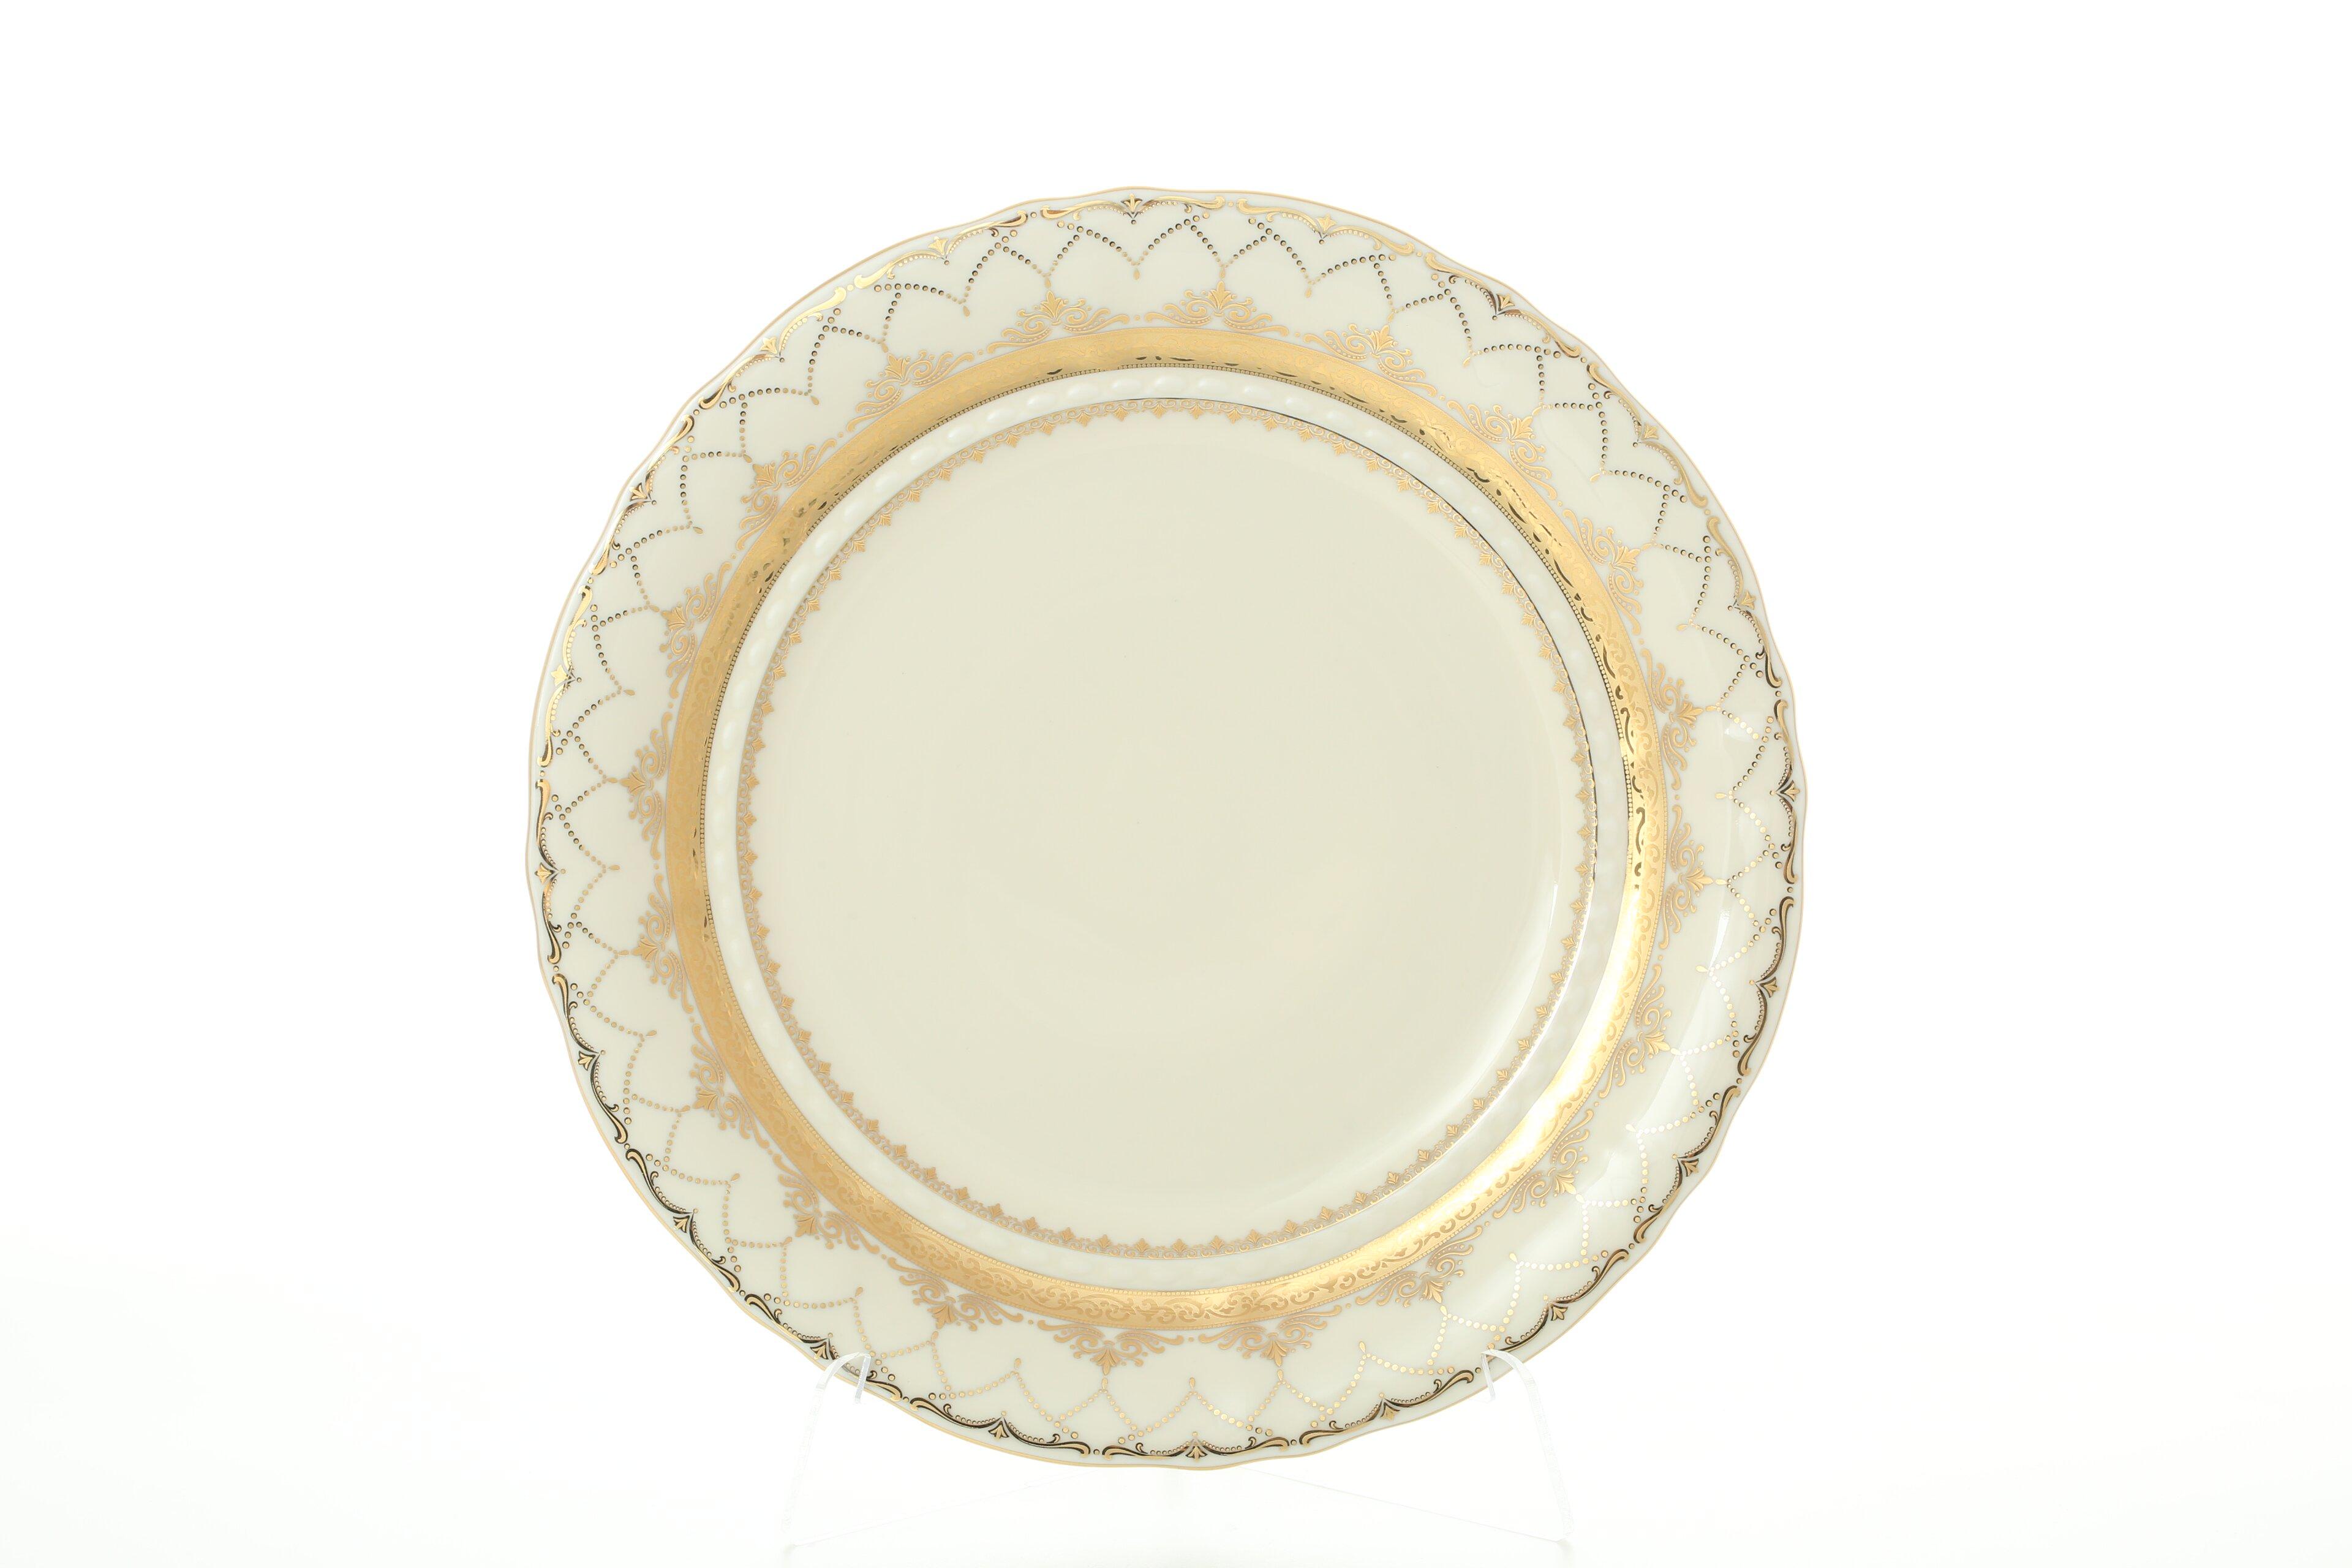 Набор тарелок 25 см СОНАТА, декор ЗОЛОТЫЕ УЗОРЫ 2517, фарфор цвета слоновой кости, от Leander, 6 шт.